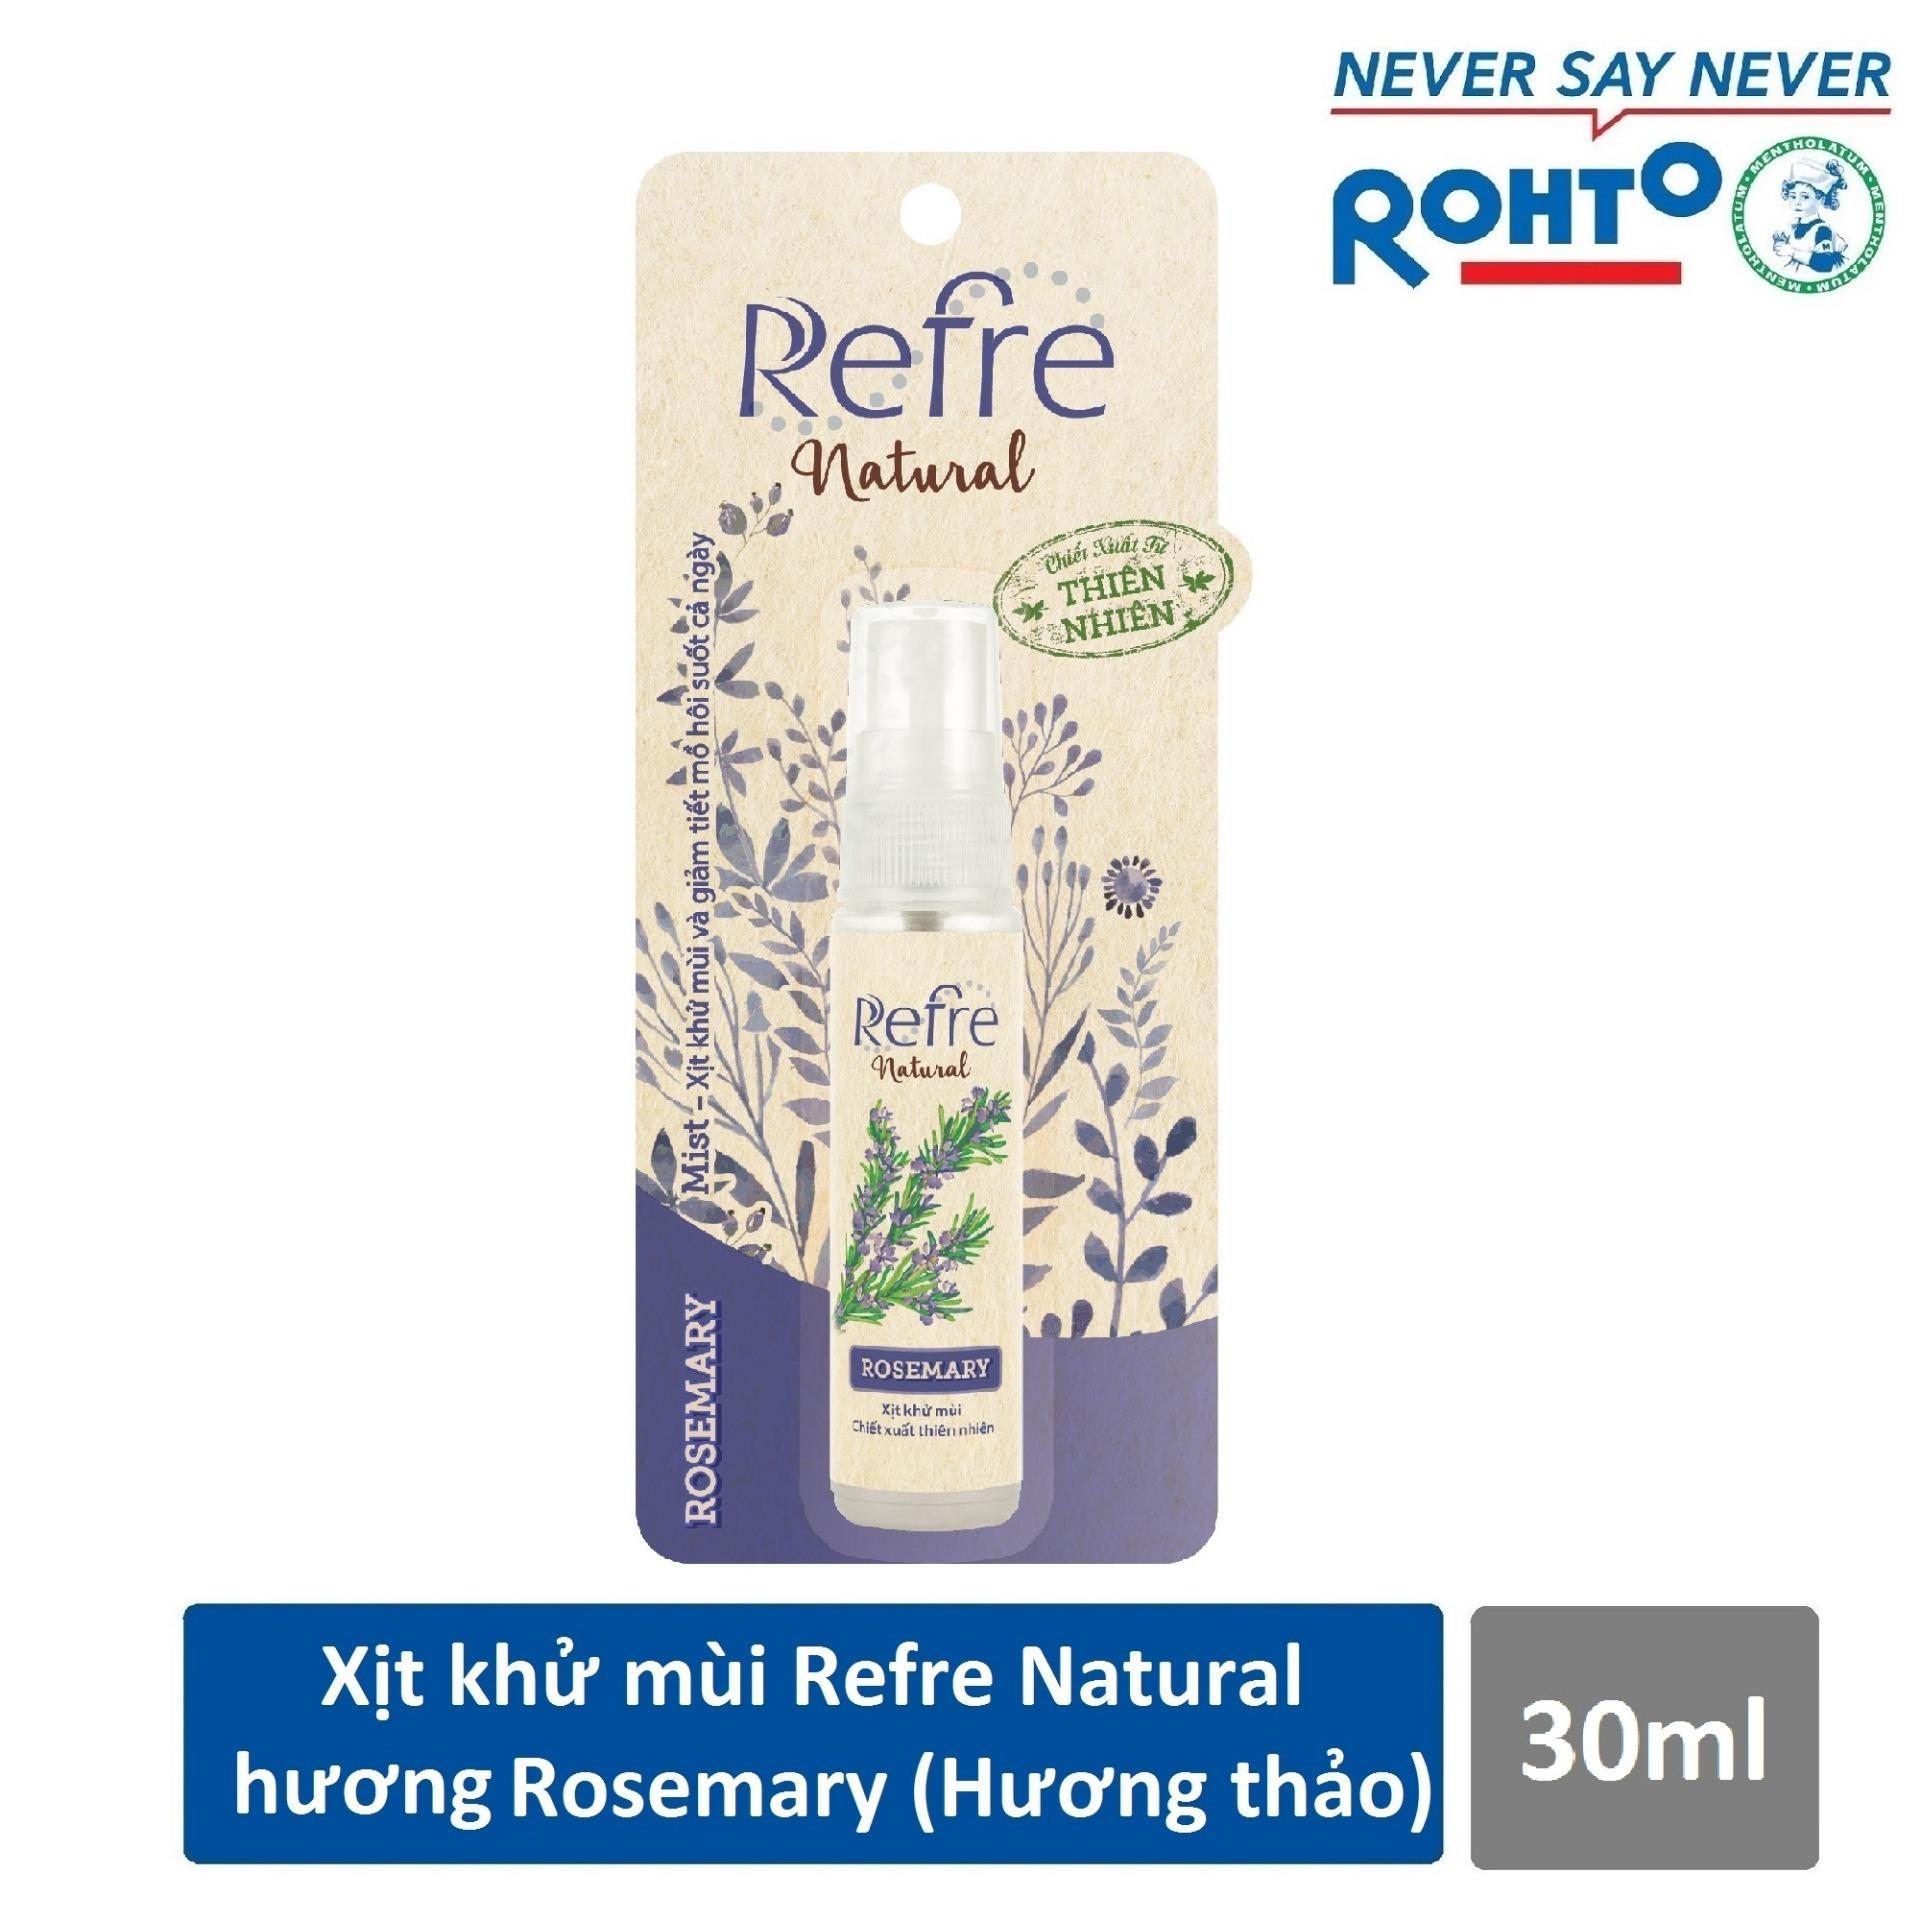 Xịt Khử Mùi Refre Natural Rosemary Hương Hương Thảo 30Ml